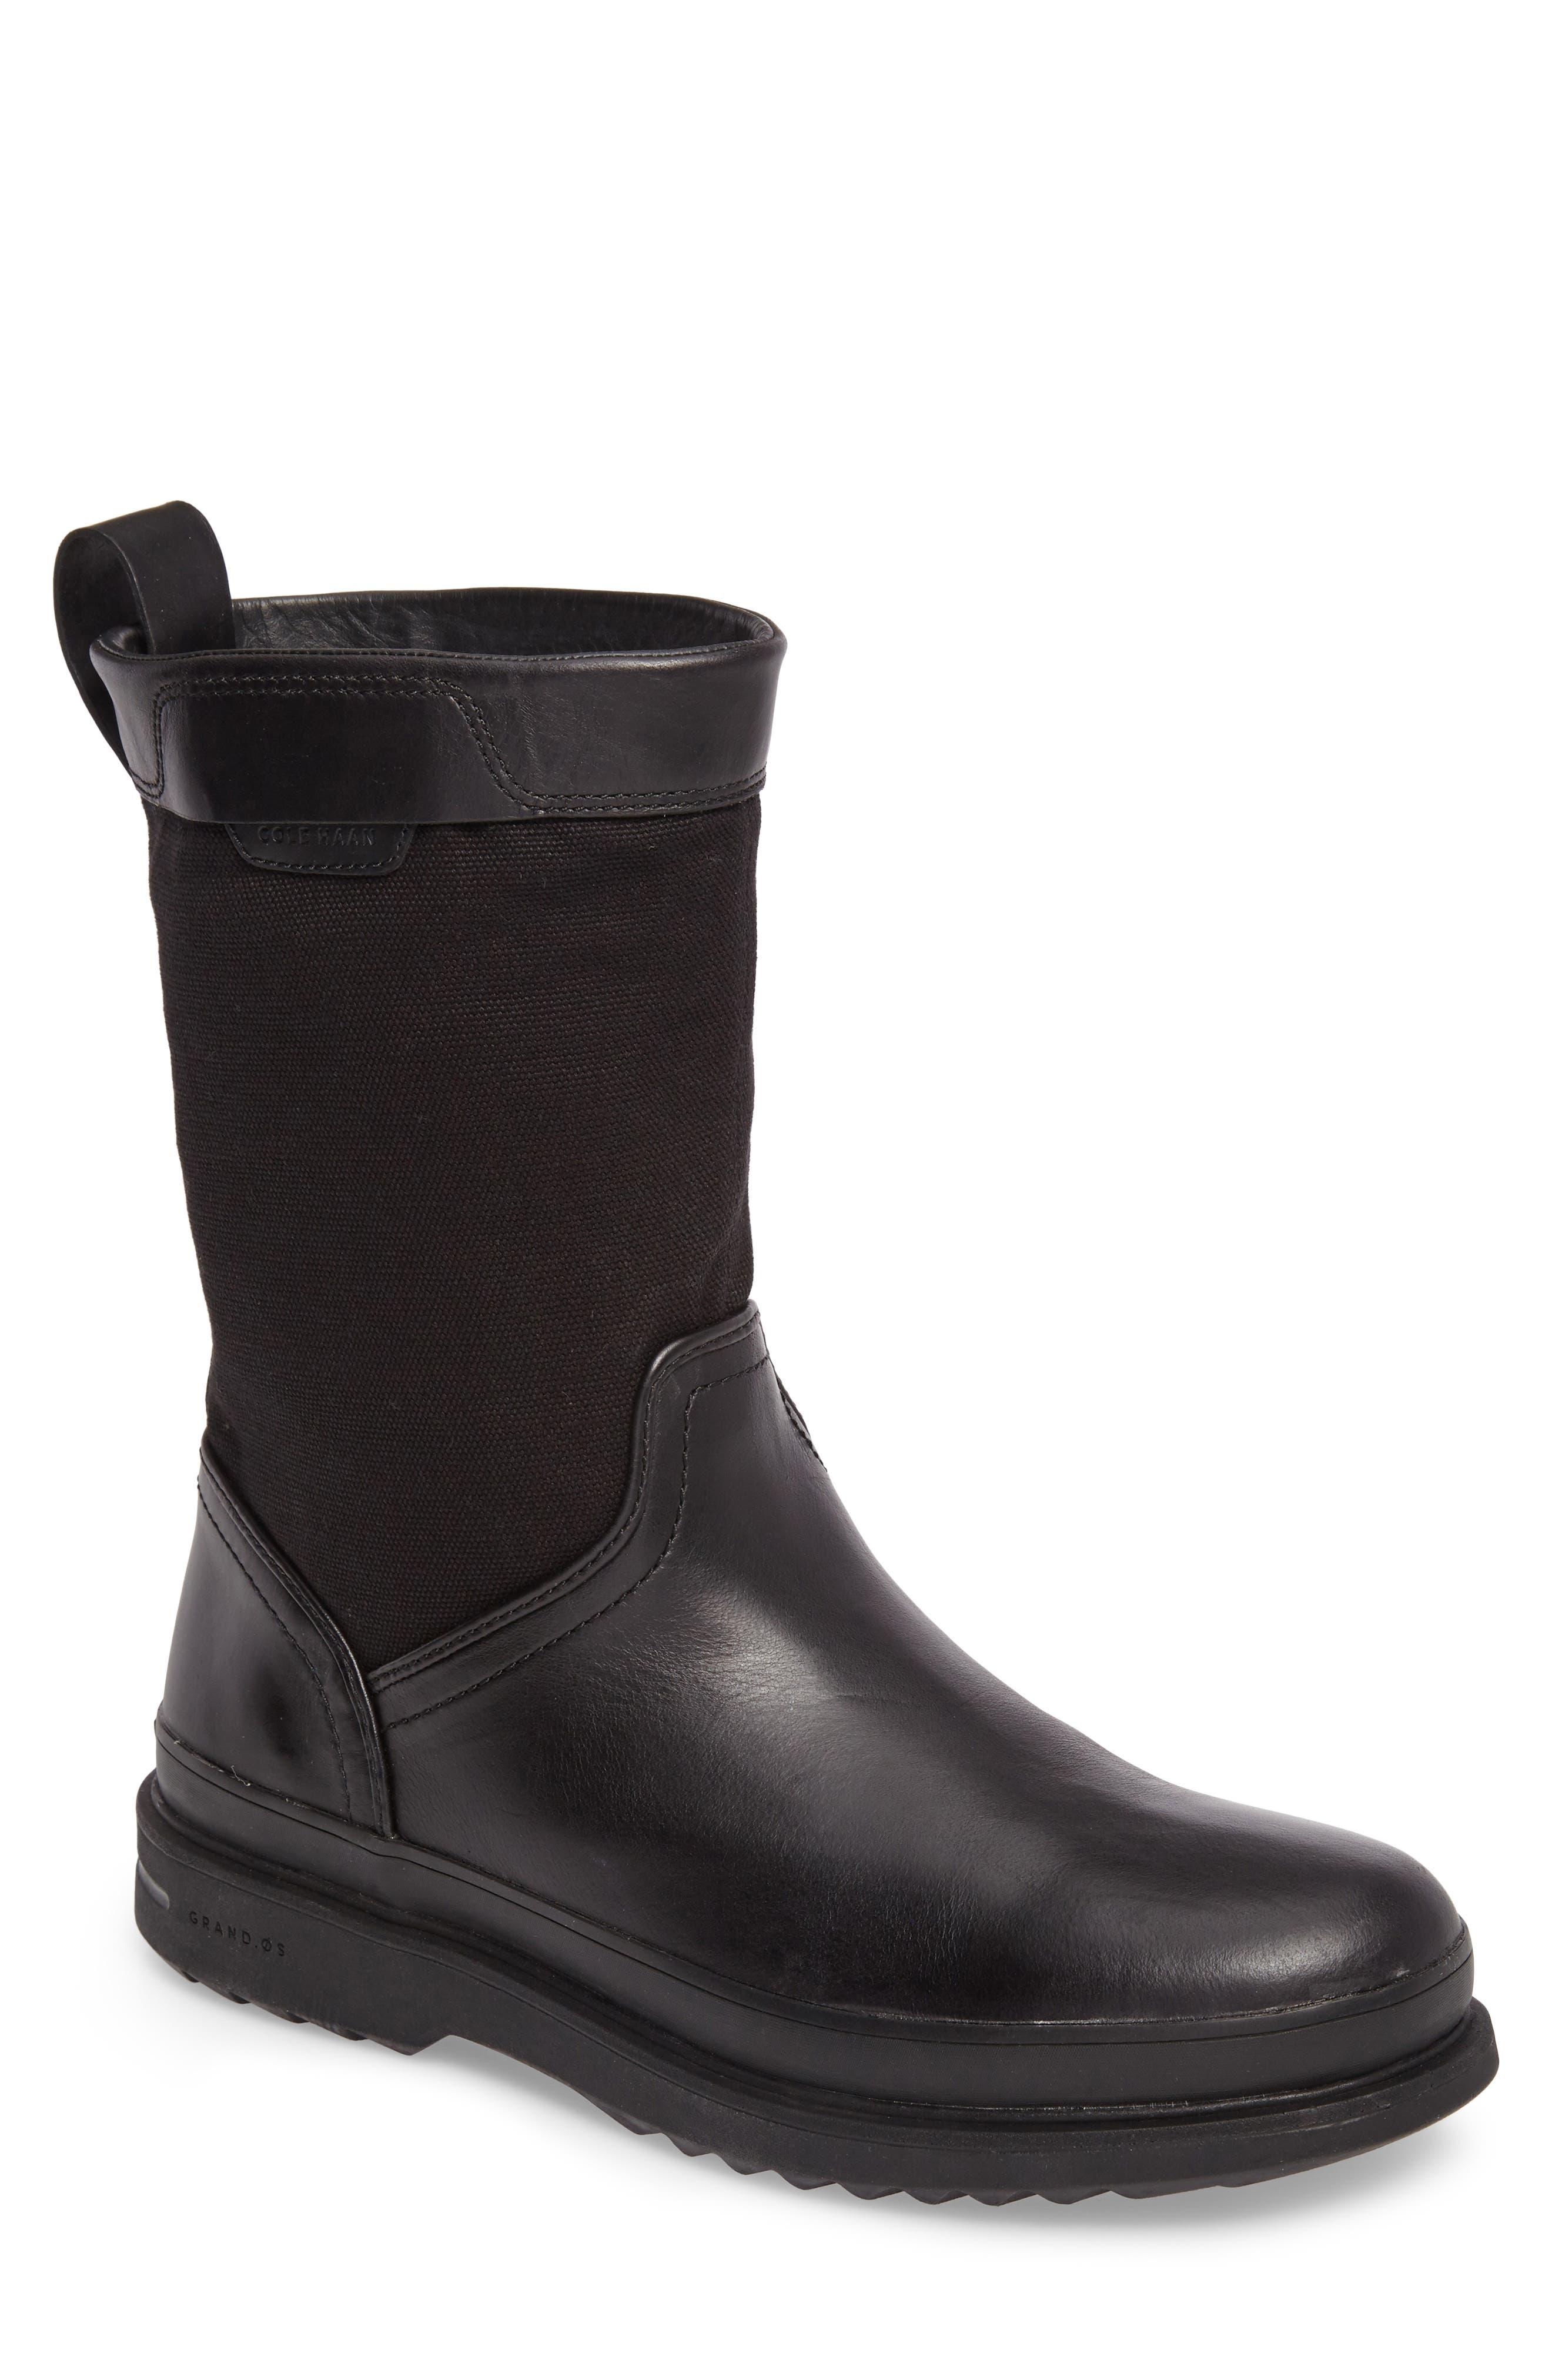 Millbridge Waterproof Boot,                         Main,                         color, 002